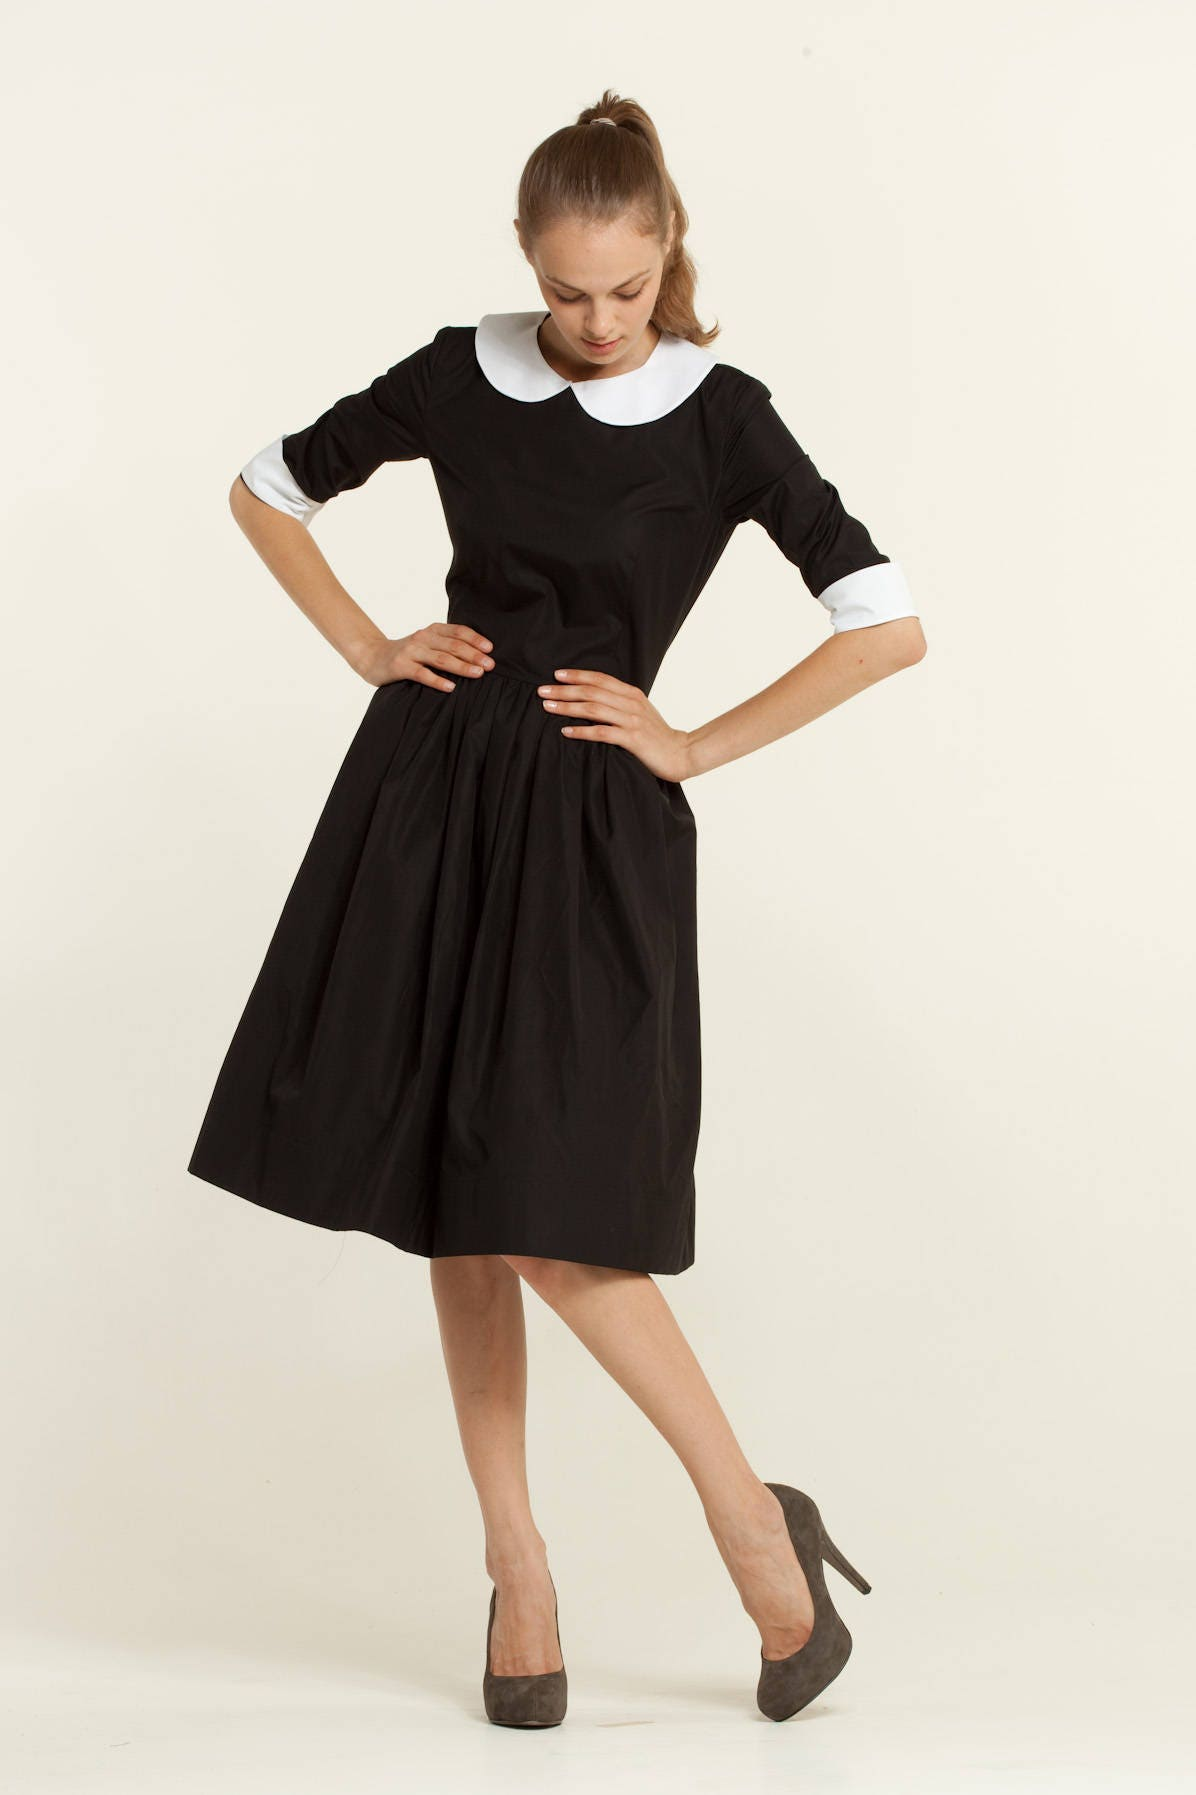 Peter Pan Kragen kleine schwarze Kleid der 1950er Jahre 50er